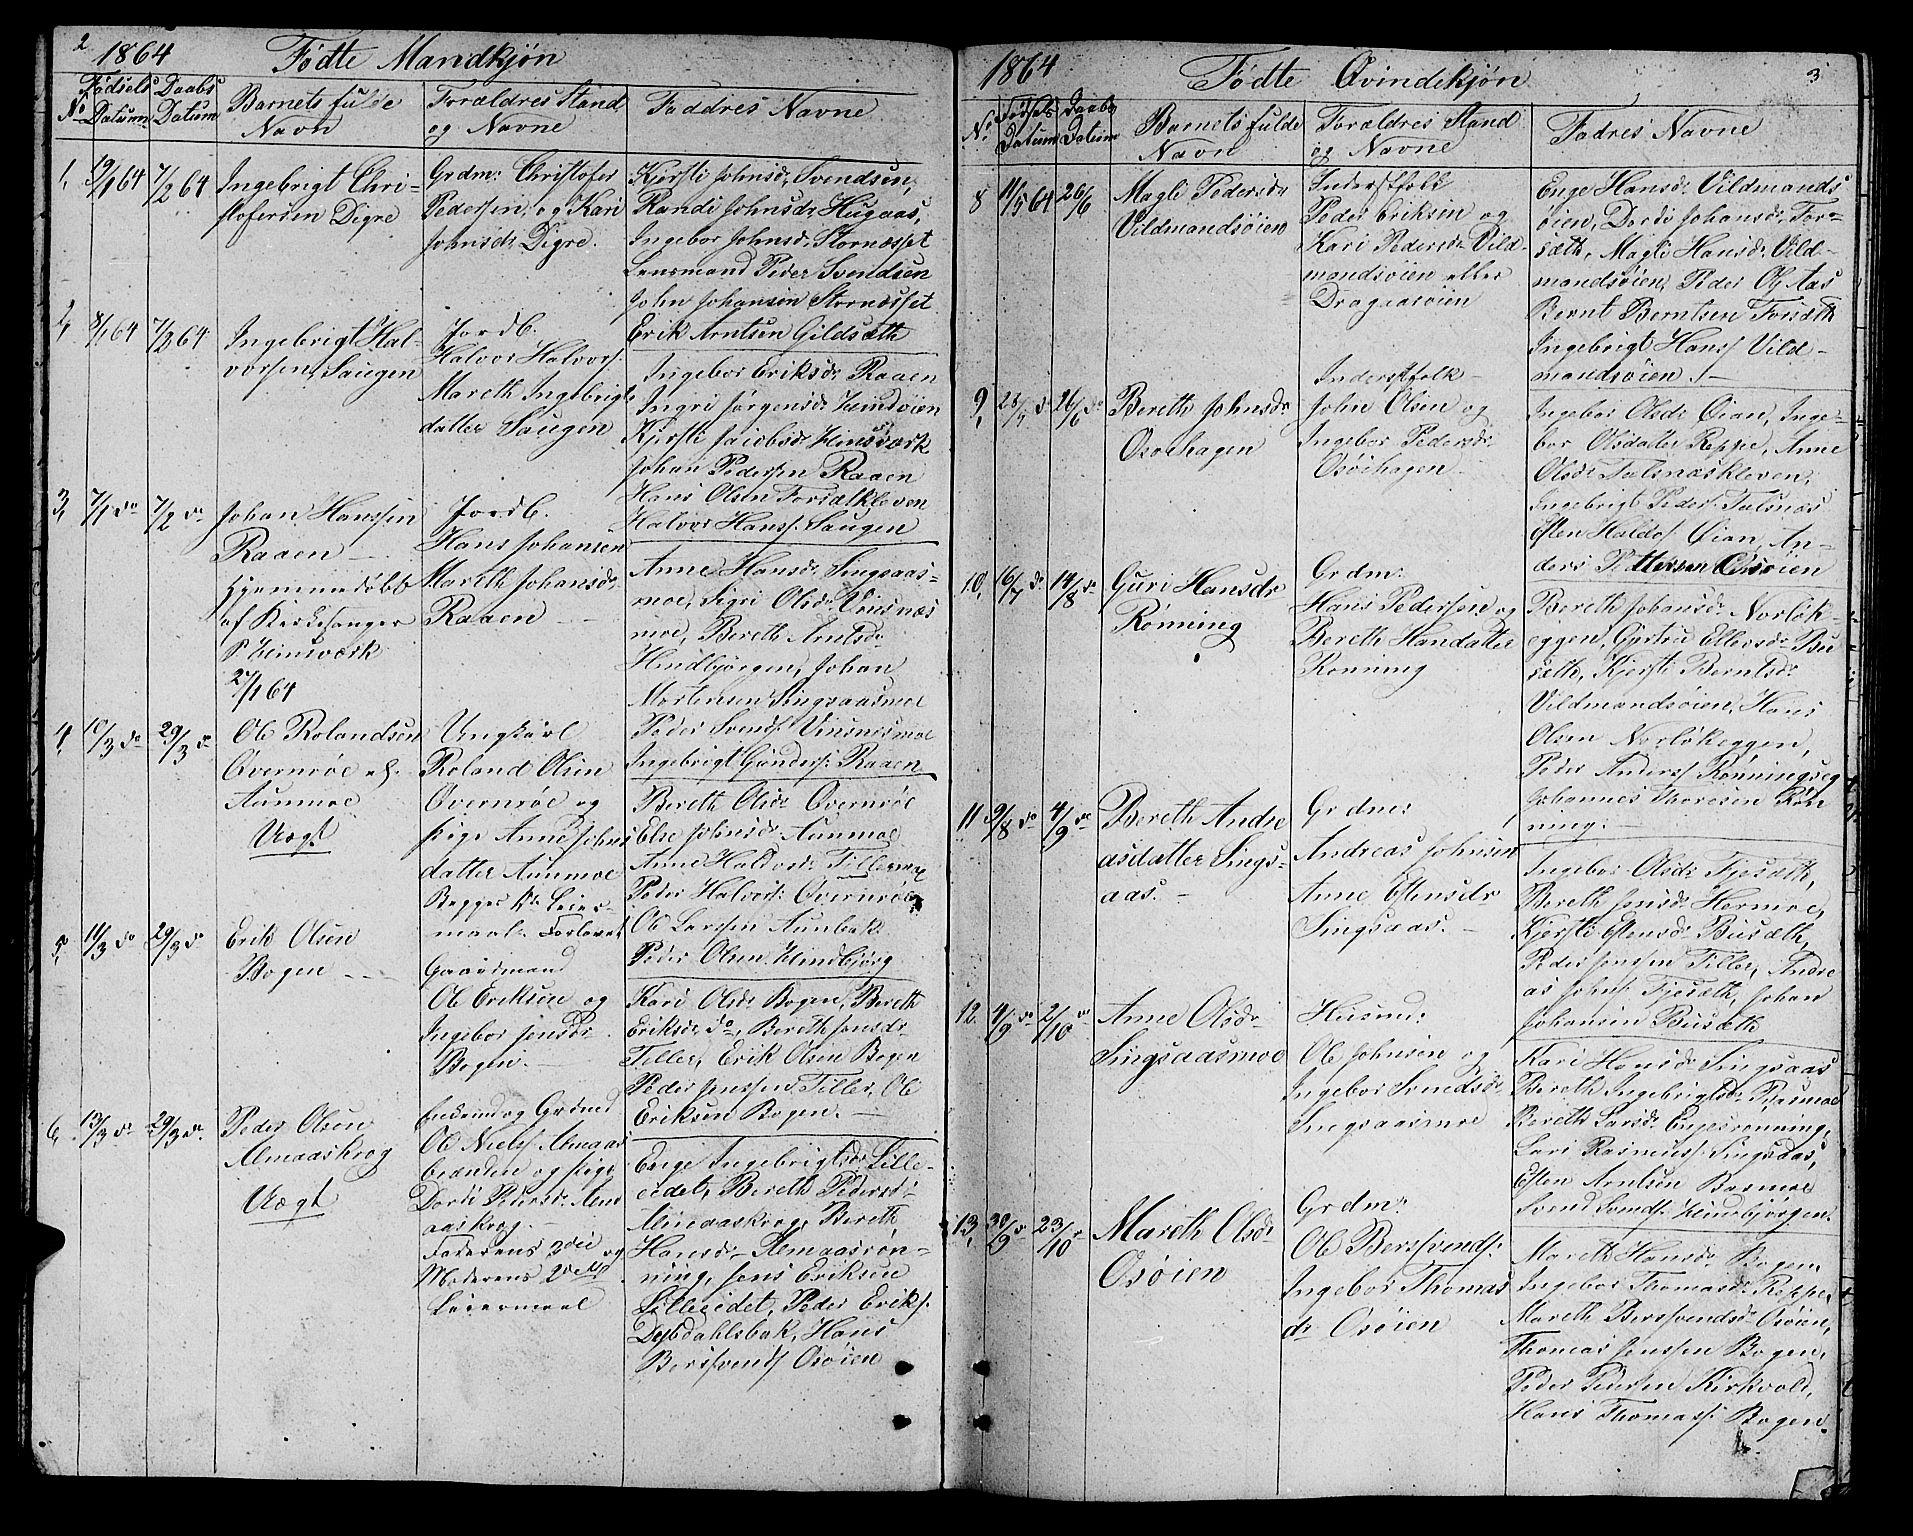 SAT, Ministerialprotokoller, klokkerbøker og fødselsregistre - Sør-Trøndelag, 688/L1027: Klokkerbok nr. 688C02, 1861-1889, s. 2-3